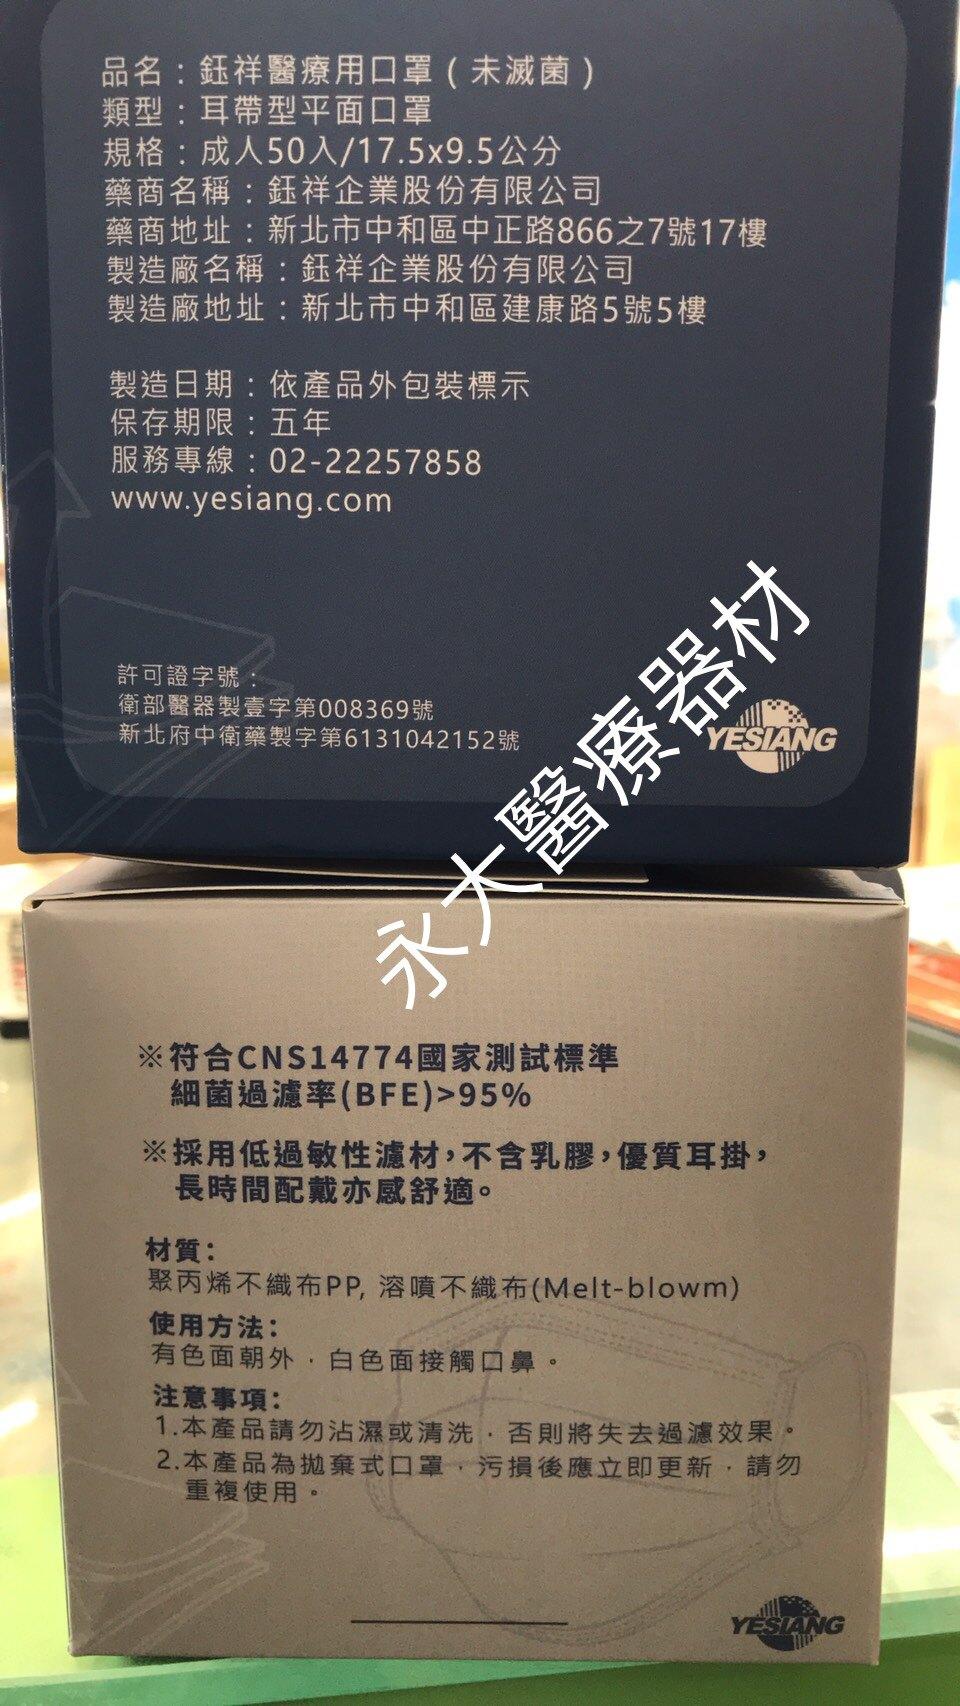 永大醫療~雙鋼印!!!!鈺祥 醫療用口罩 ~粉色(耳帶型平面口罩)~每包10入*5包/1盒(50片)~120元~